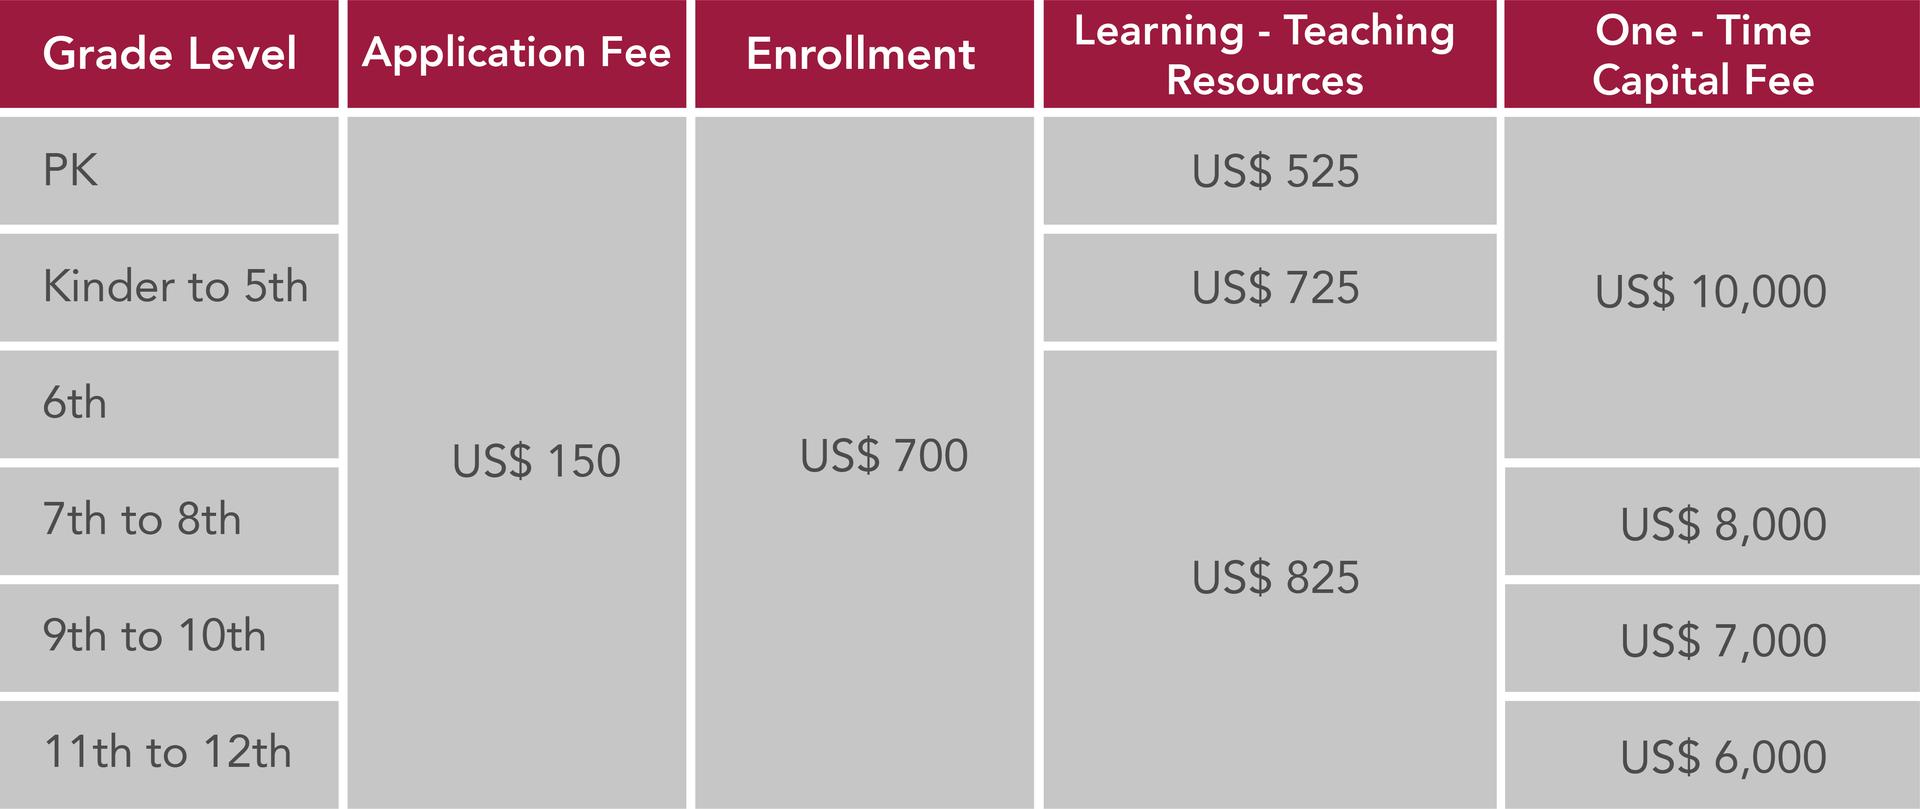 Boston School International Enrollment Fees